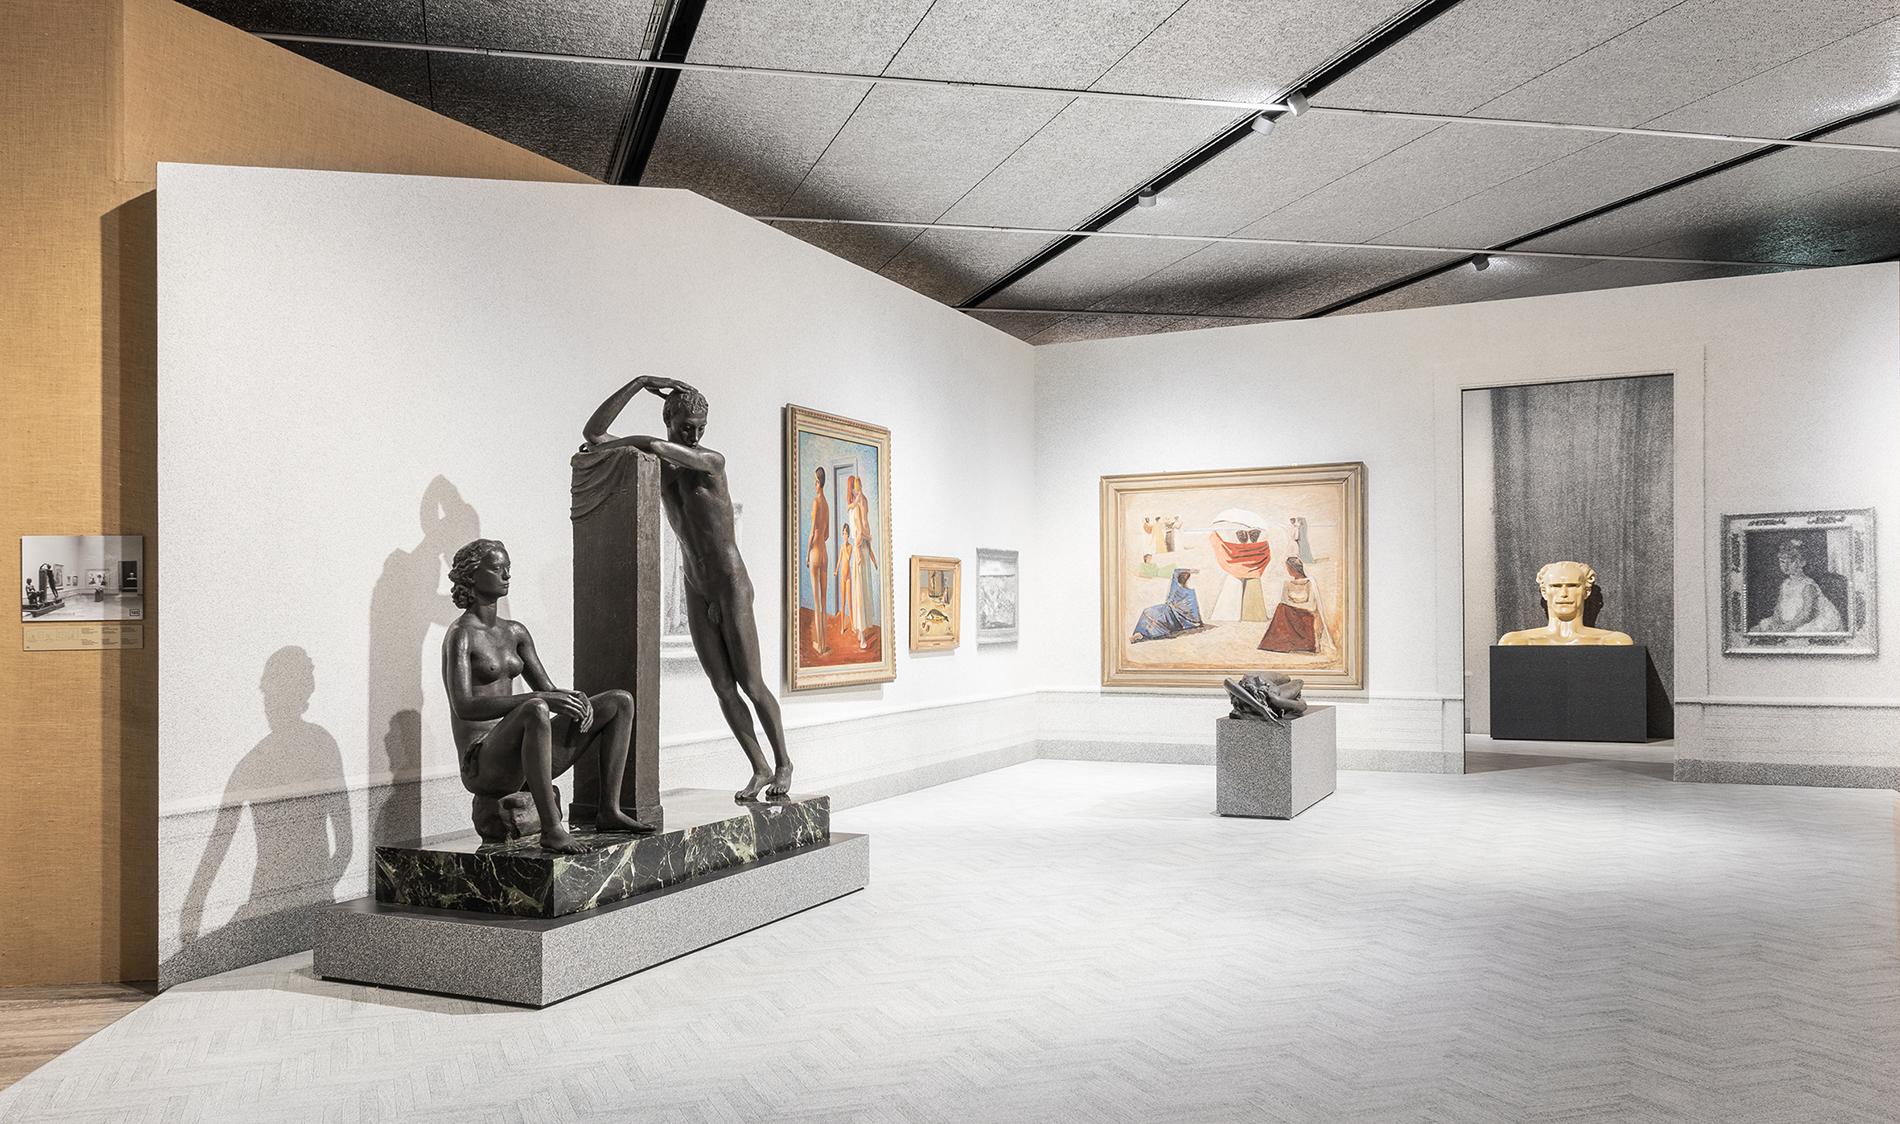 Ausstellungsansicht, Post Zang Tumb Tuuum. Art Life Politics: Italia 1918-1943 (Foto: Delfino Sisto Legnani and Marco Cappelletti), Fondazione Prada, Milano, Courtesy Fondazione Prada